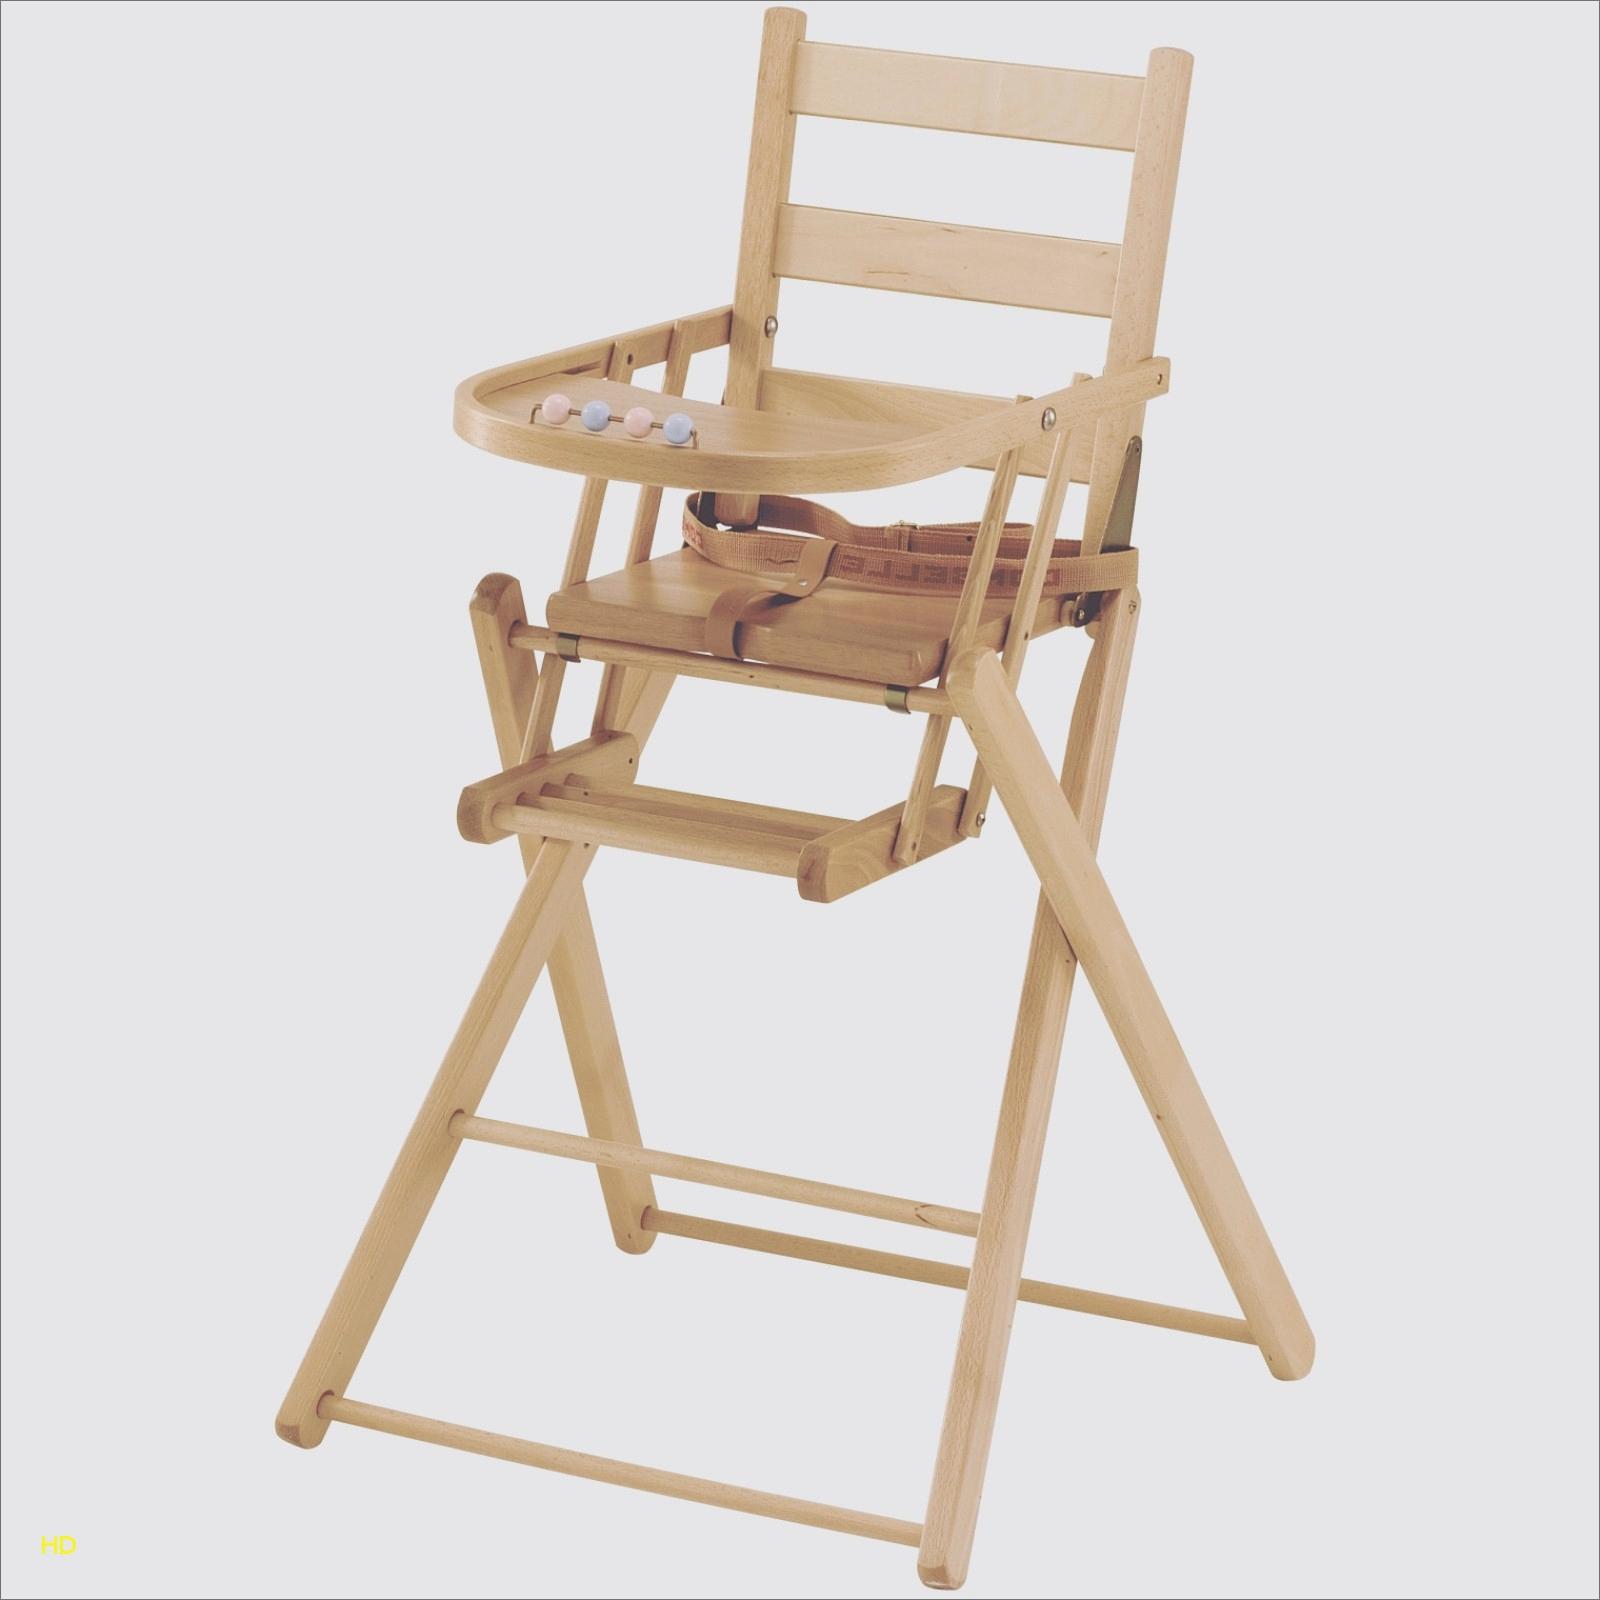 4 Chaises Pas Cher Luxe Stock Chaise Pliante Lot 4 Chaises Pas Cher 4 Chaises Luxe Chaise Ice 0d